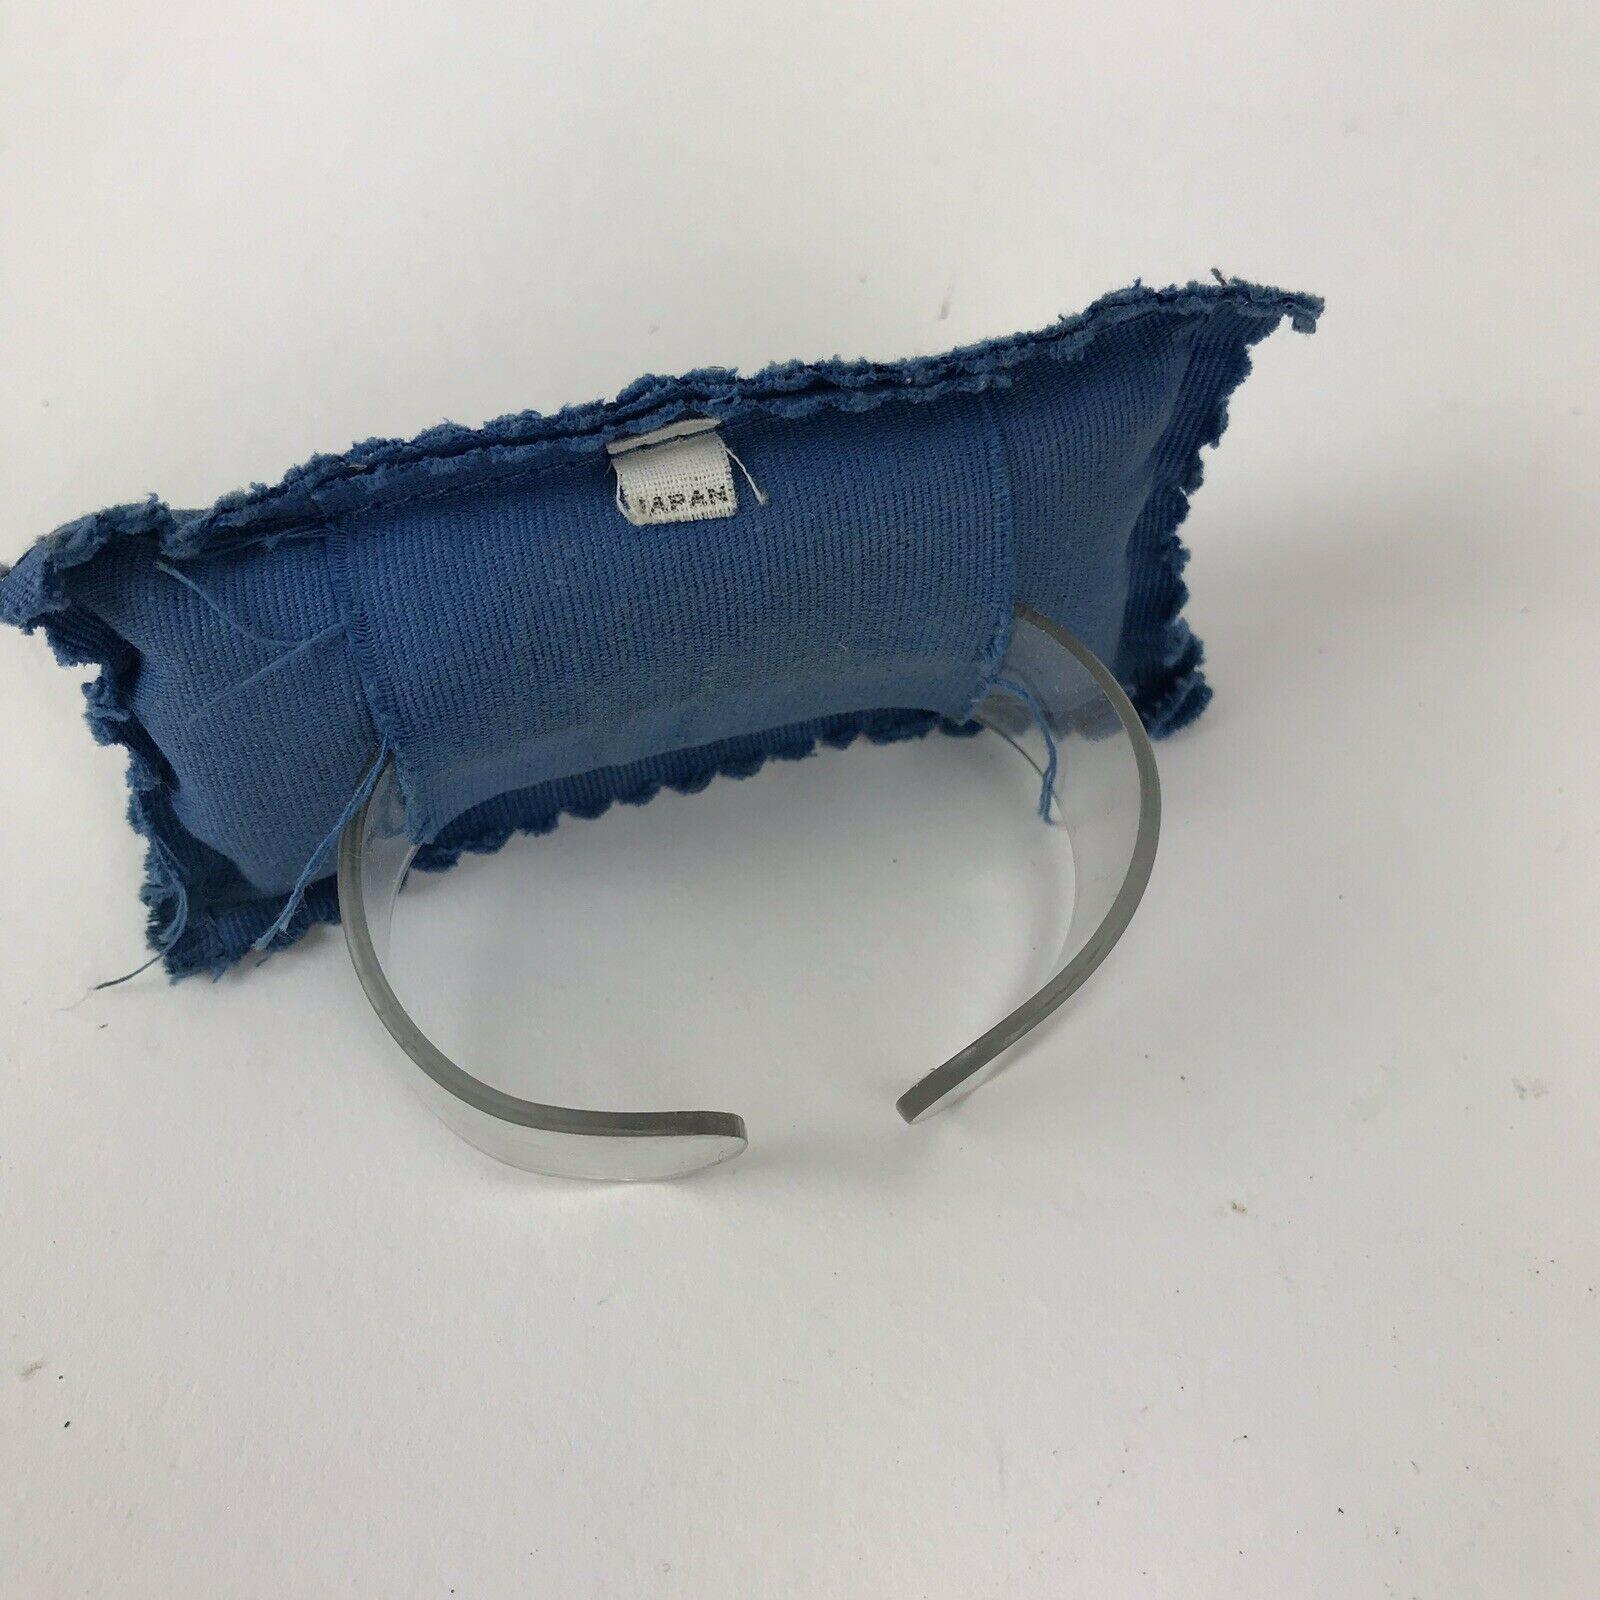 Vintage Japan Wrist Pincushion Sewing Collectible image 4